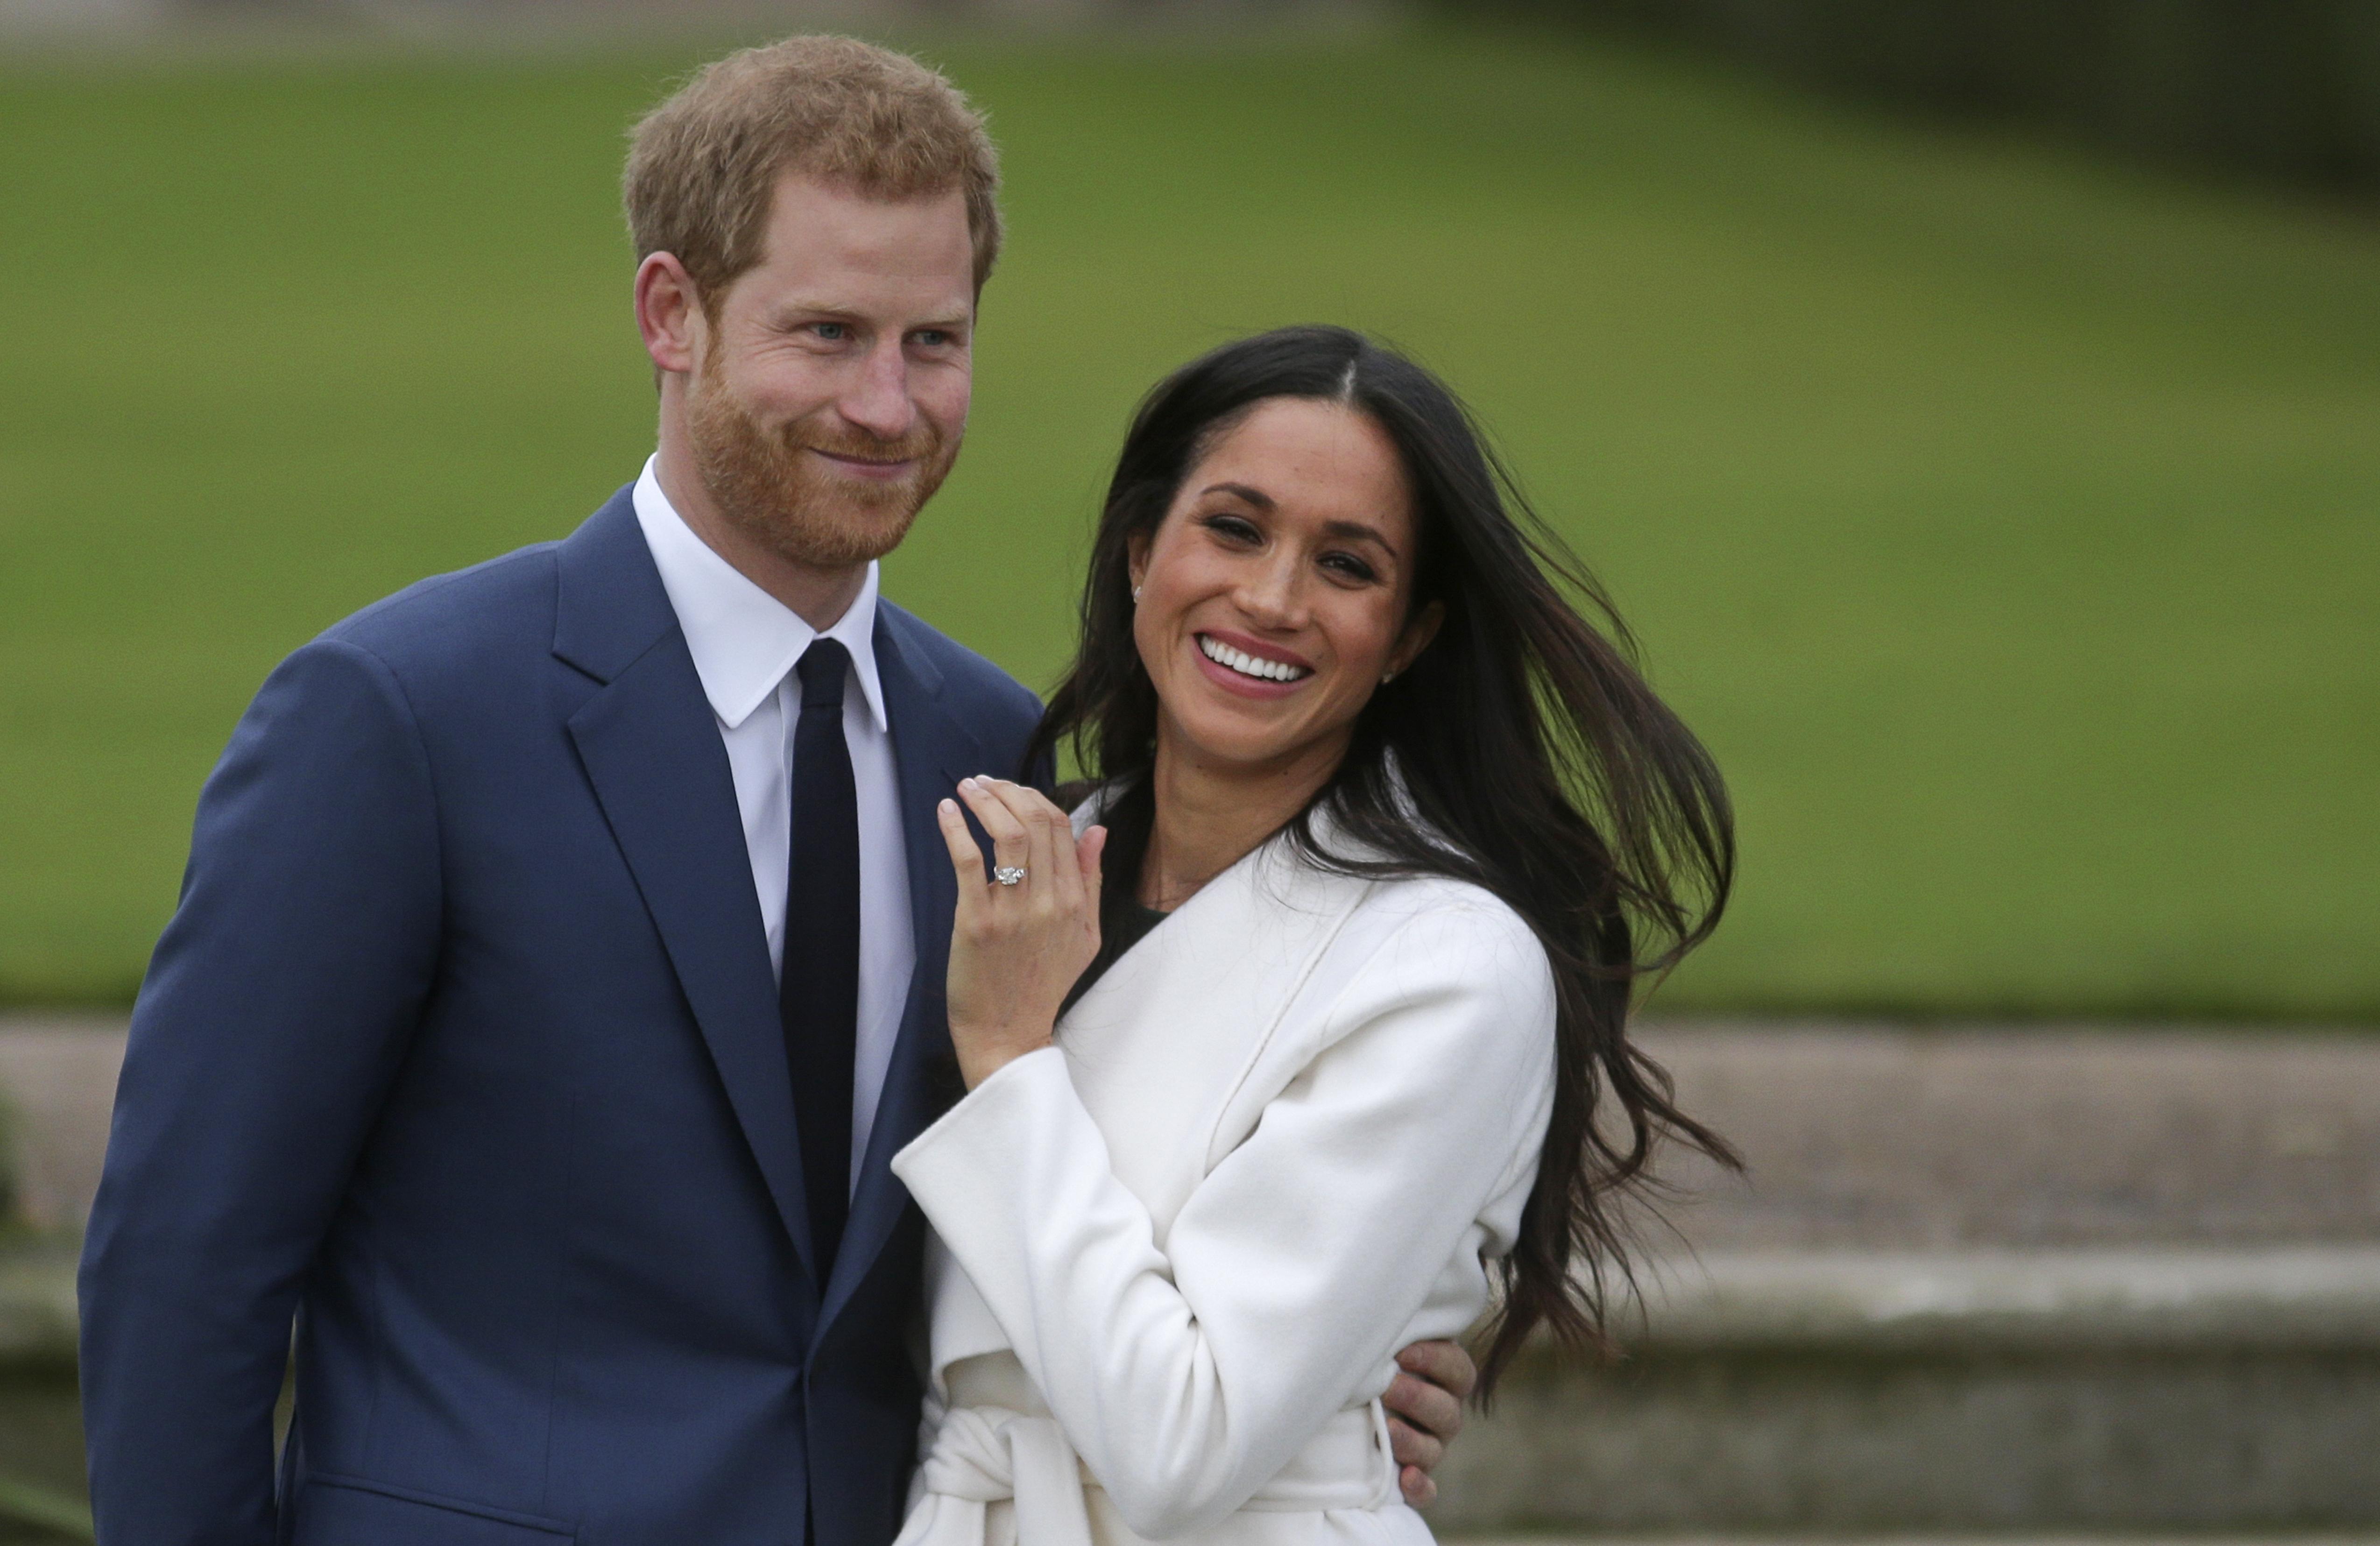 Megszületett Harry herceg és Meghan hercegné második gyermeke, Lilibet